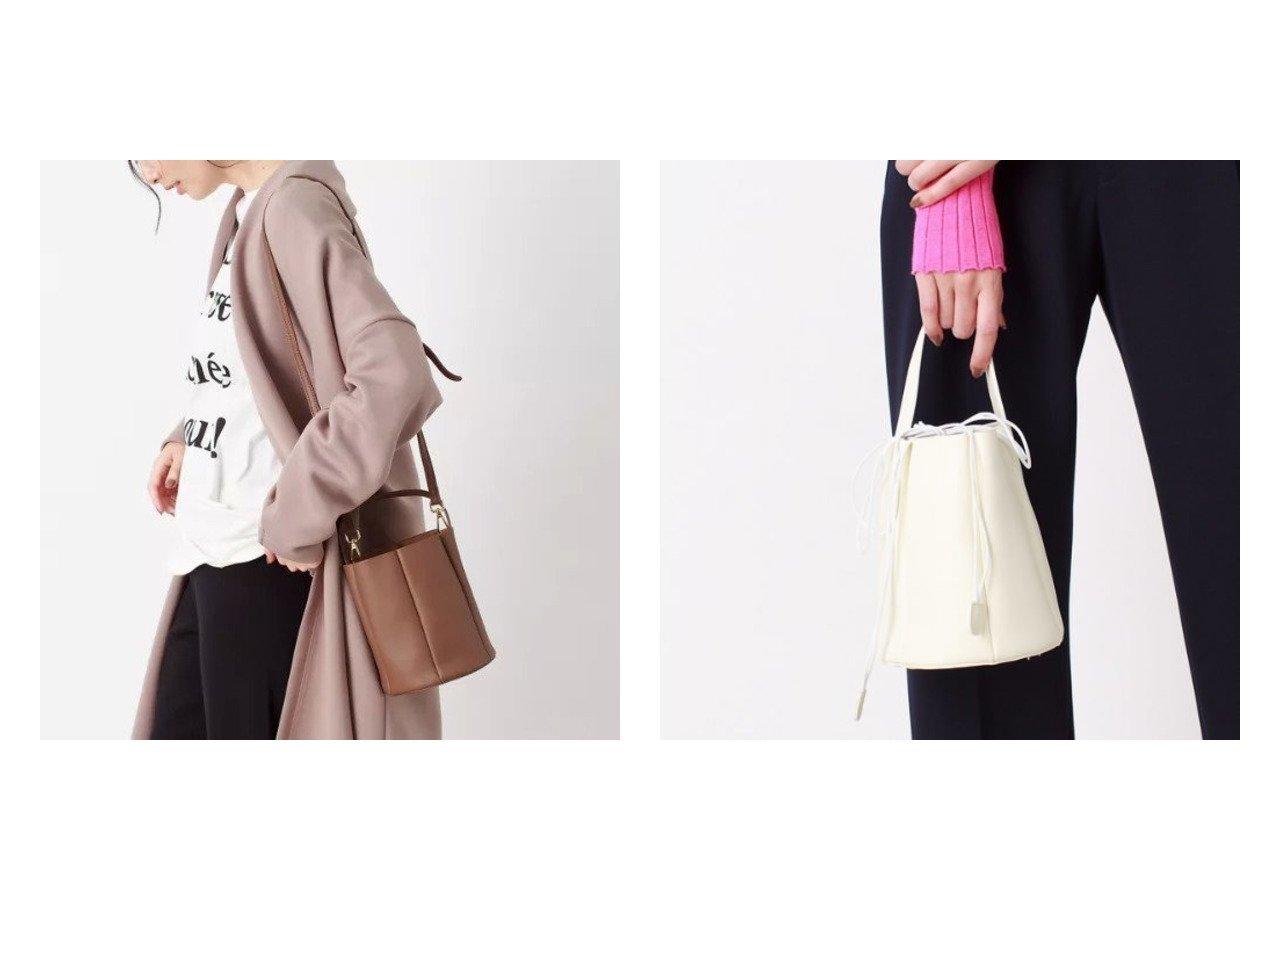 【Rouge vif/ルージュ ヴィフ】の【MOHI】3WAYバッグ バッグ・鞄のおすすめ!人気、トレンド・レディースファッションの通販 おすすめで人気の流行・トレンド、ファッションの通販商品 メンズファッション・キッズファッション・インテリア・家具・レディースファッション・服の通販 founy(ファニー) https://founy.com/ ファッション Fashion レディースファッション WOMEN バッグ Bag サンダル スニーカー トレンド バケツ 巾着  ID:crp329100000014474